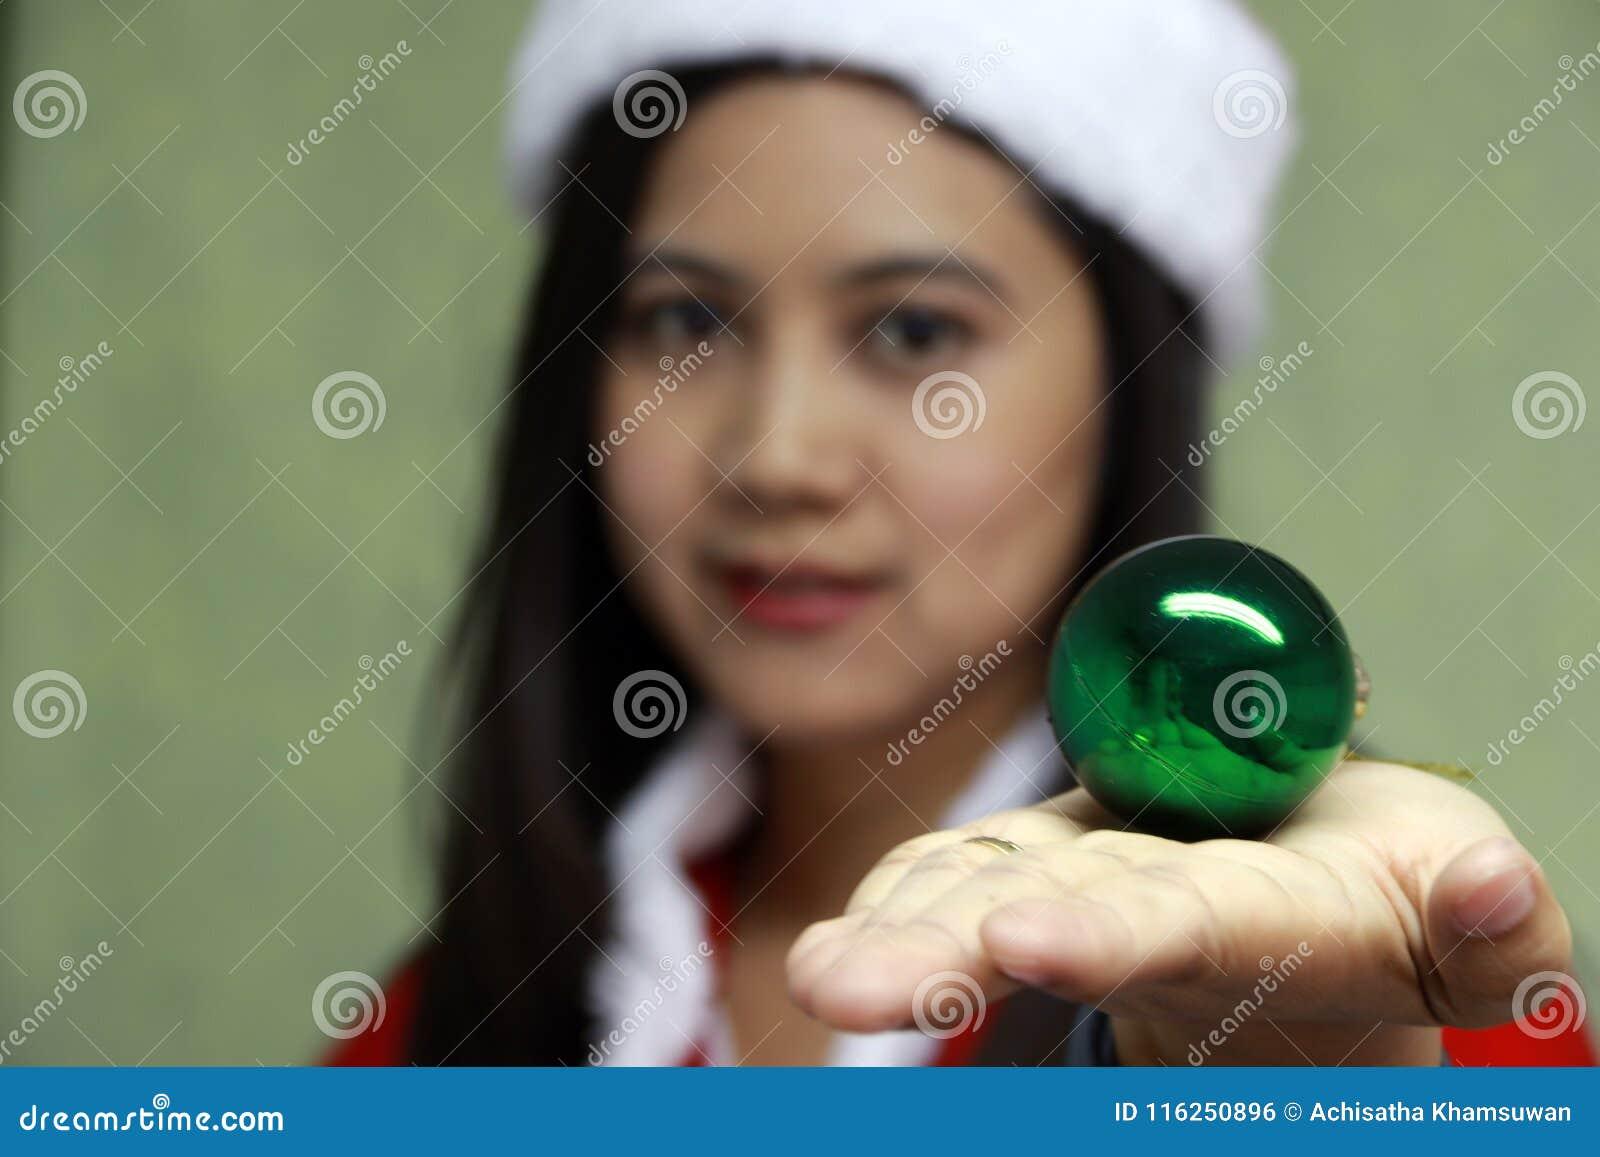 A bola mágica verde na mão de para fora focaliza o asiático Santa Girl Dress